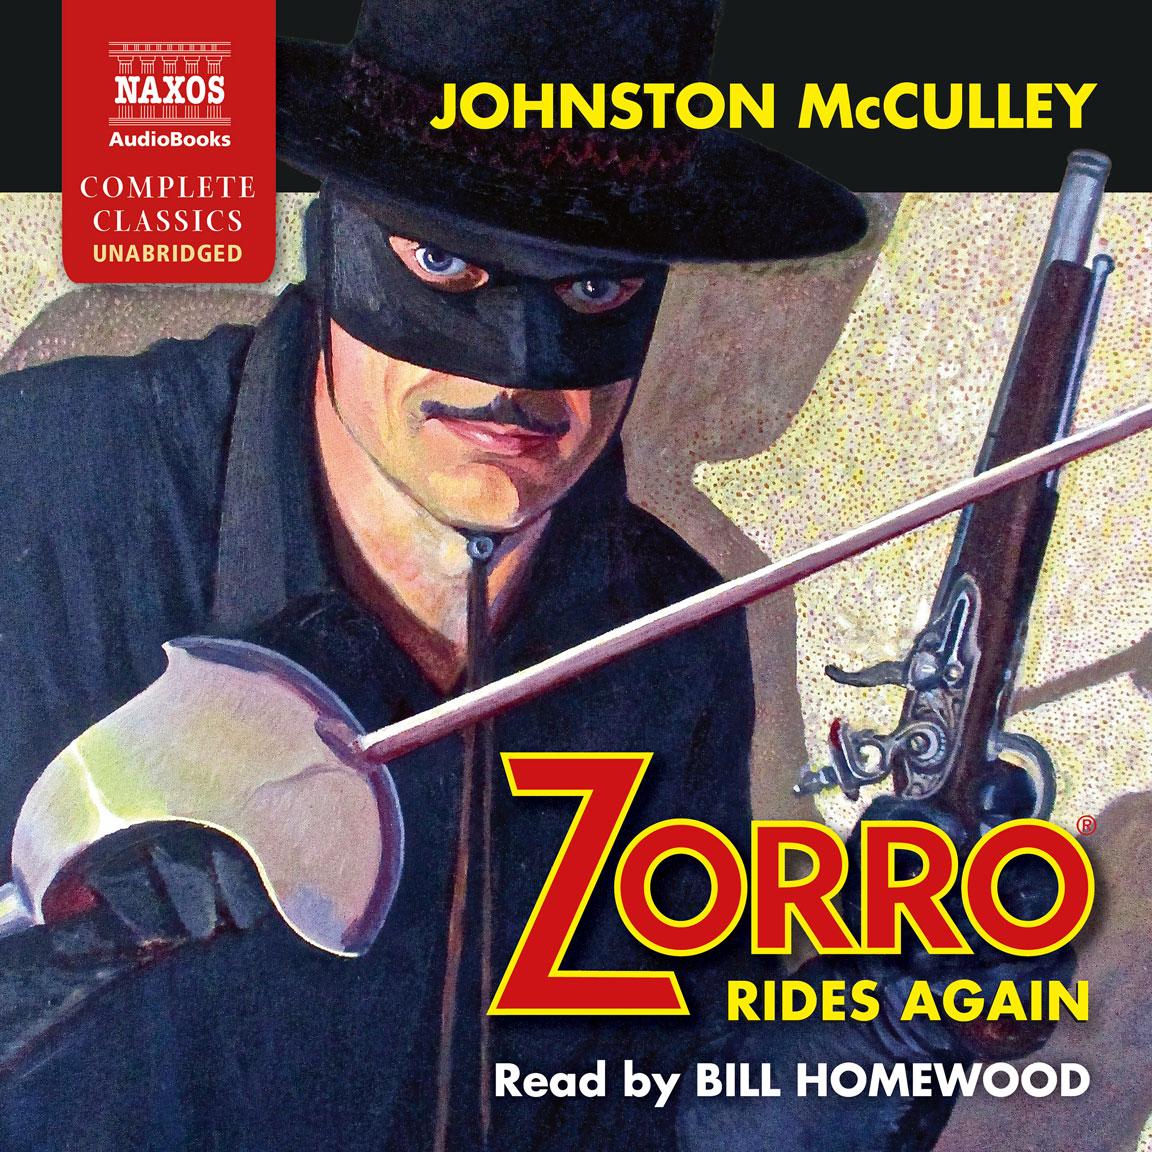 Zorro Rides Again (unabridged)